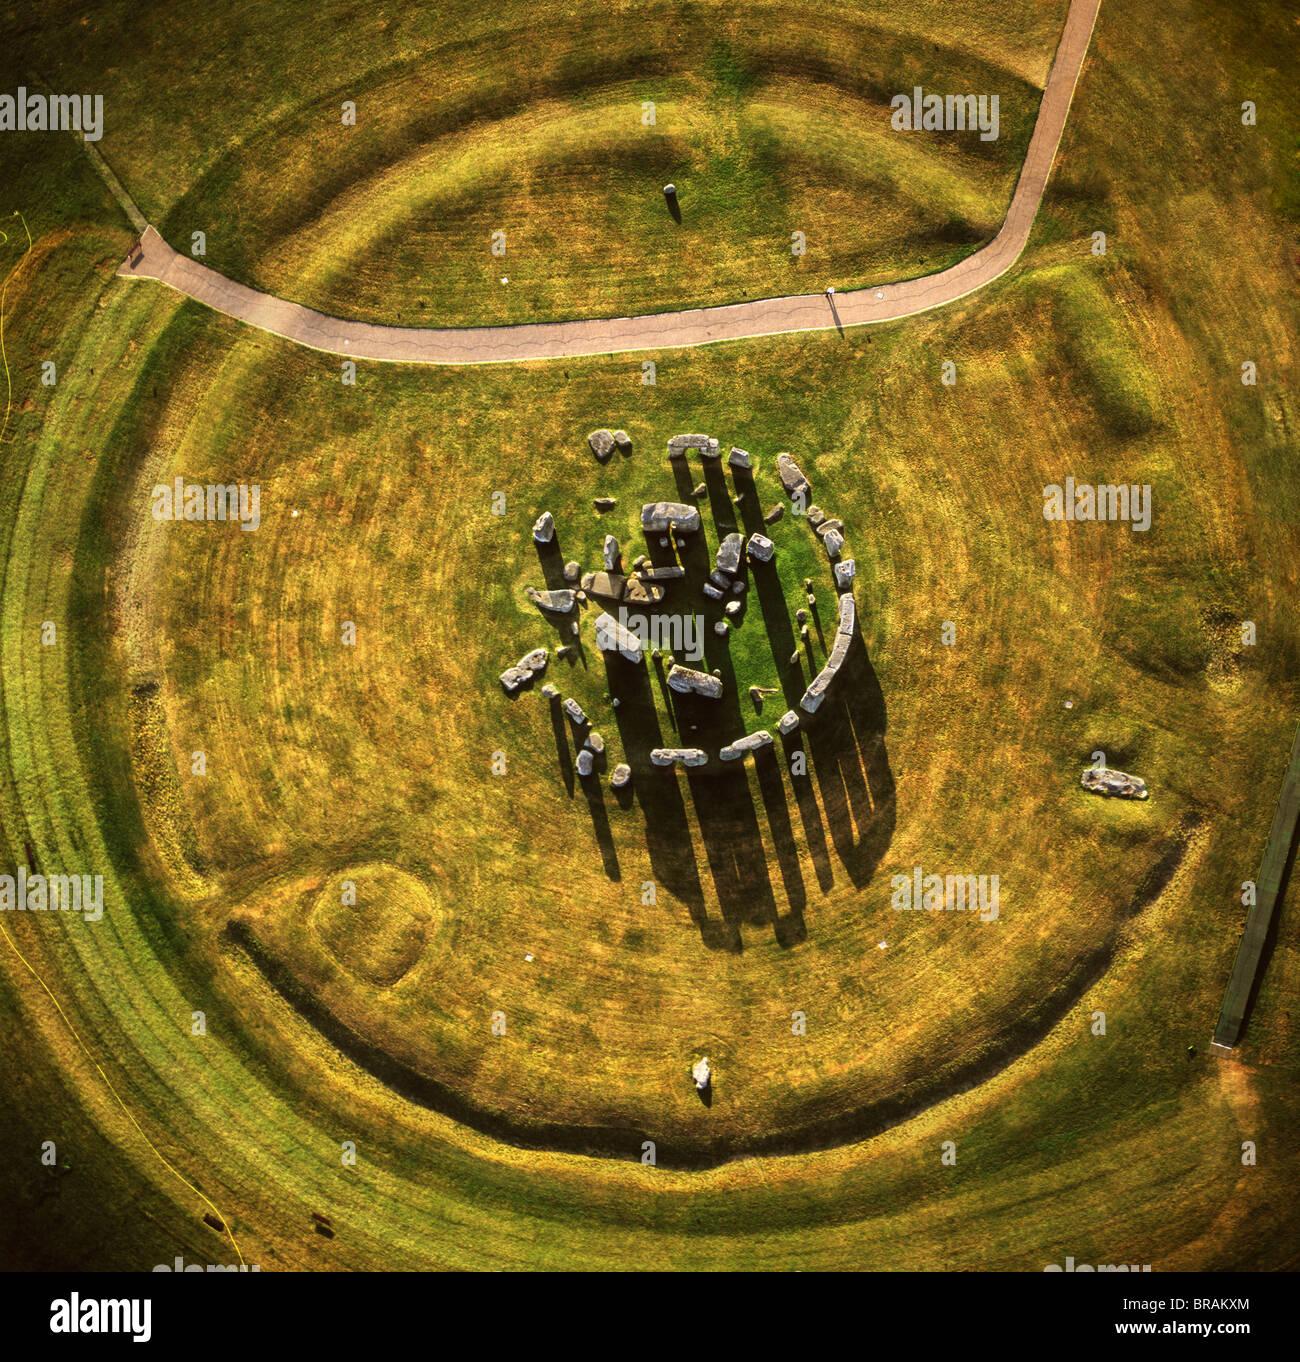 Imagen aérea de Stonehenge, monumento prehistórico y el círculo de piedra, la UNESCO, la llanura Imagen De Stock